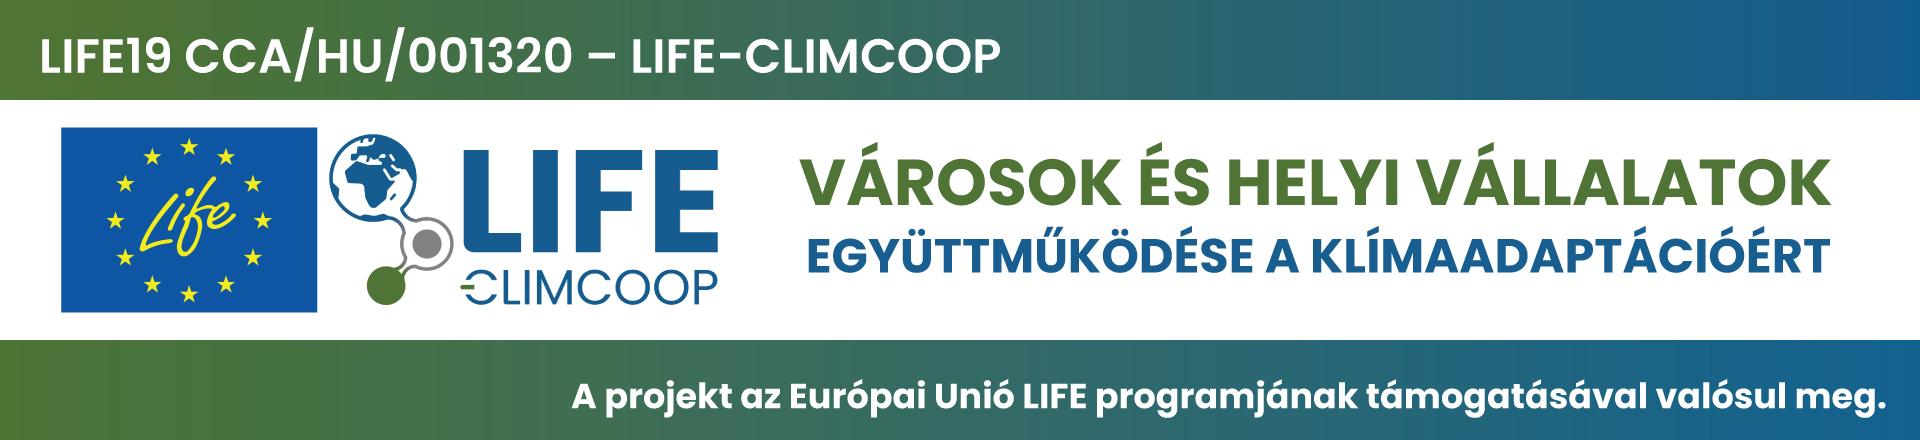 LIFE-CLIMCOOP